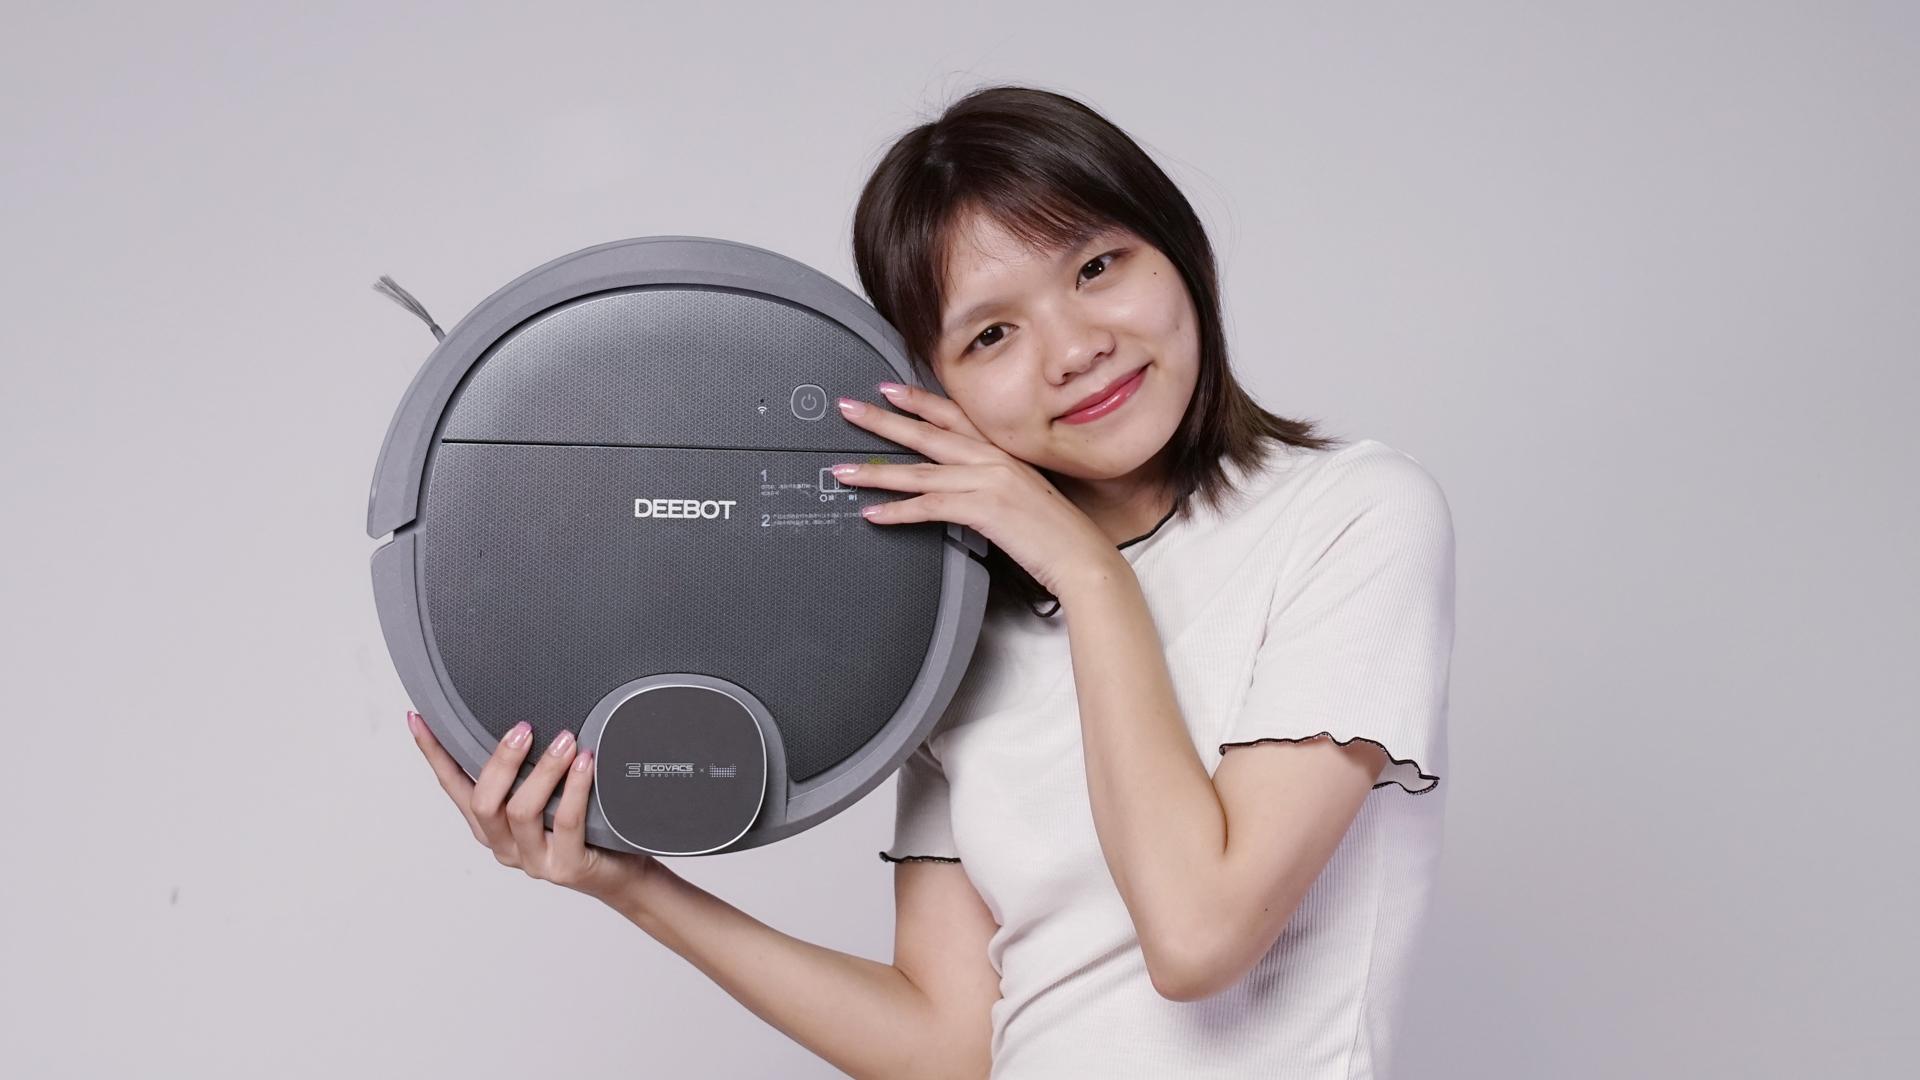 这个扫地机器人,竟逼退了家里的清洁阿姨